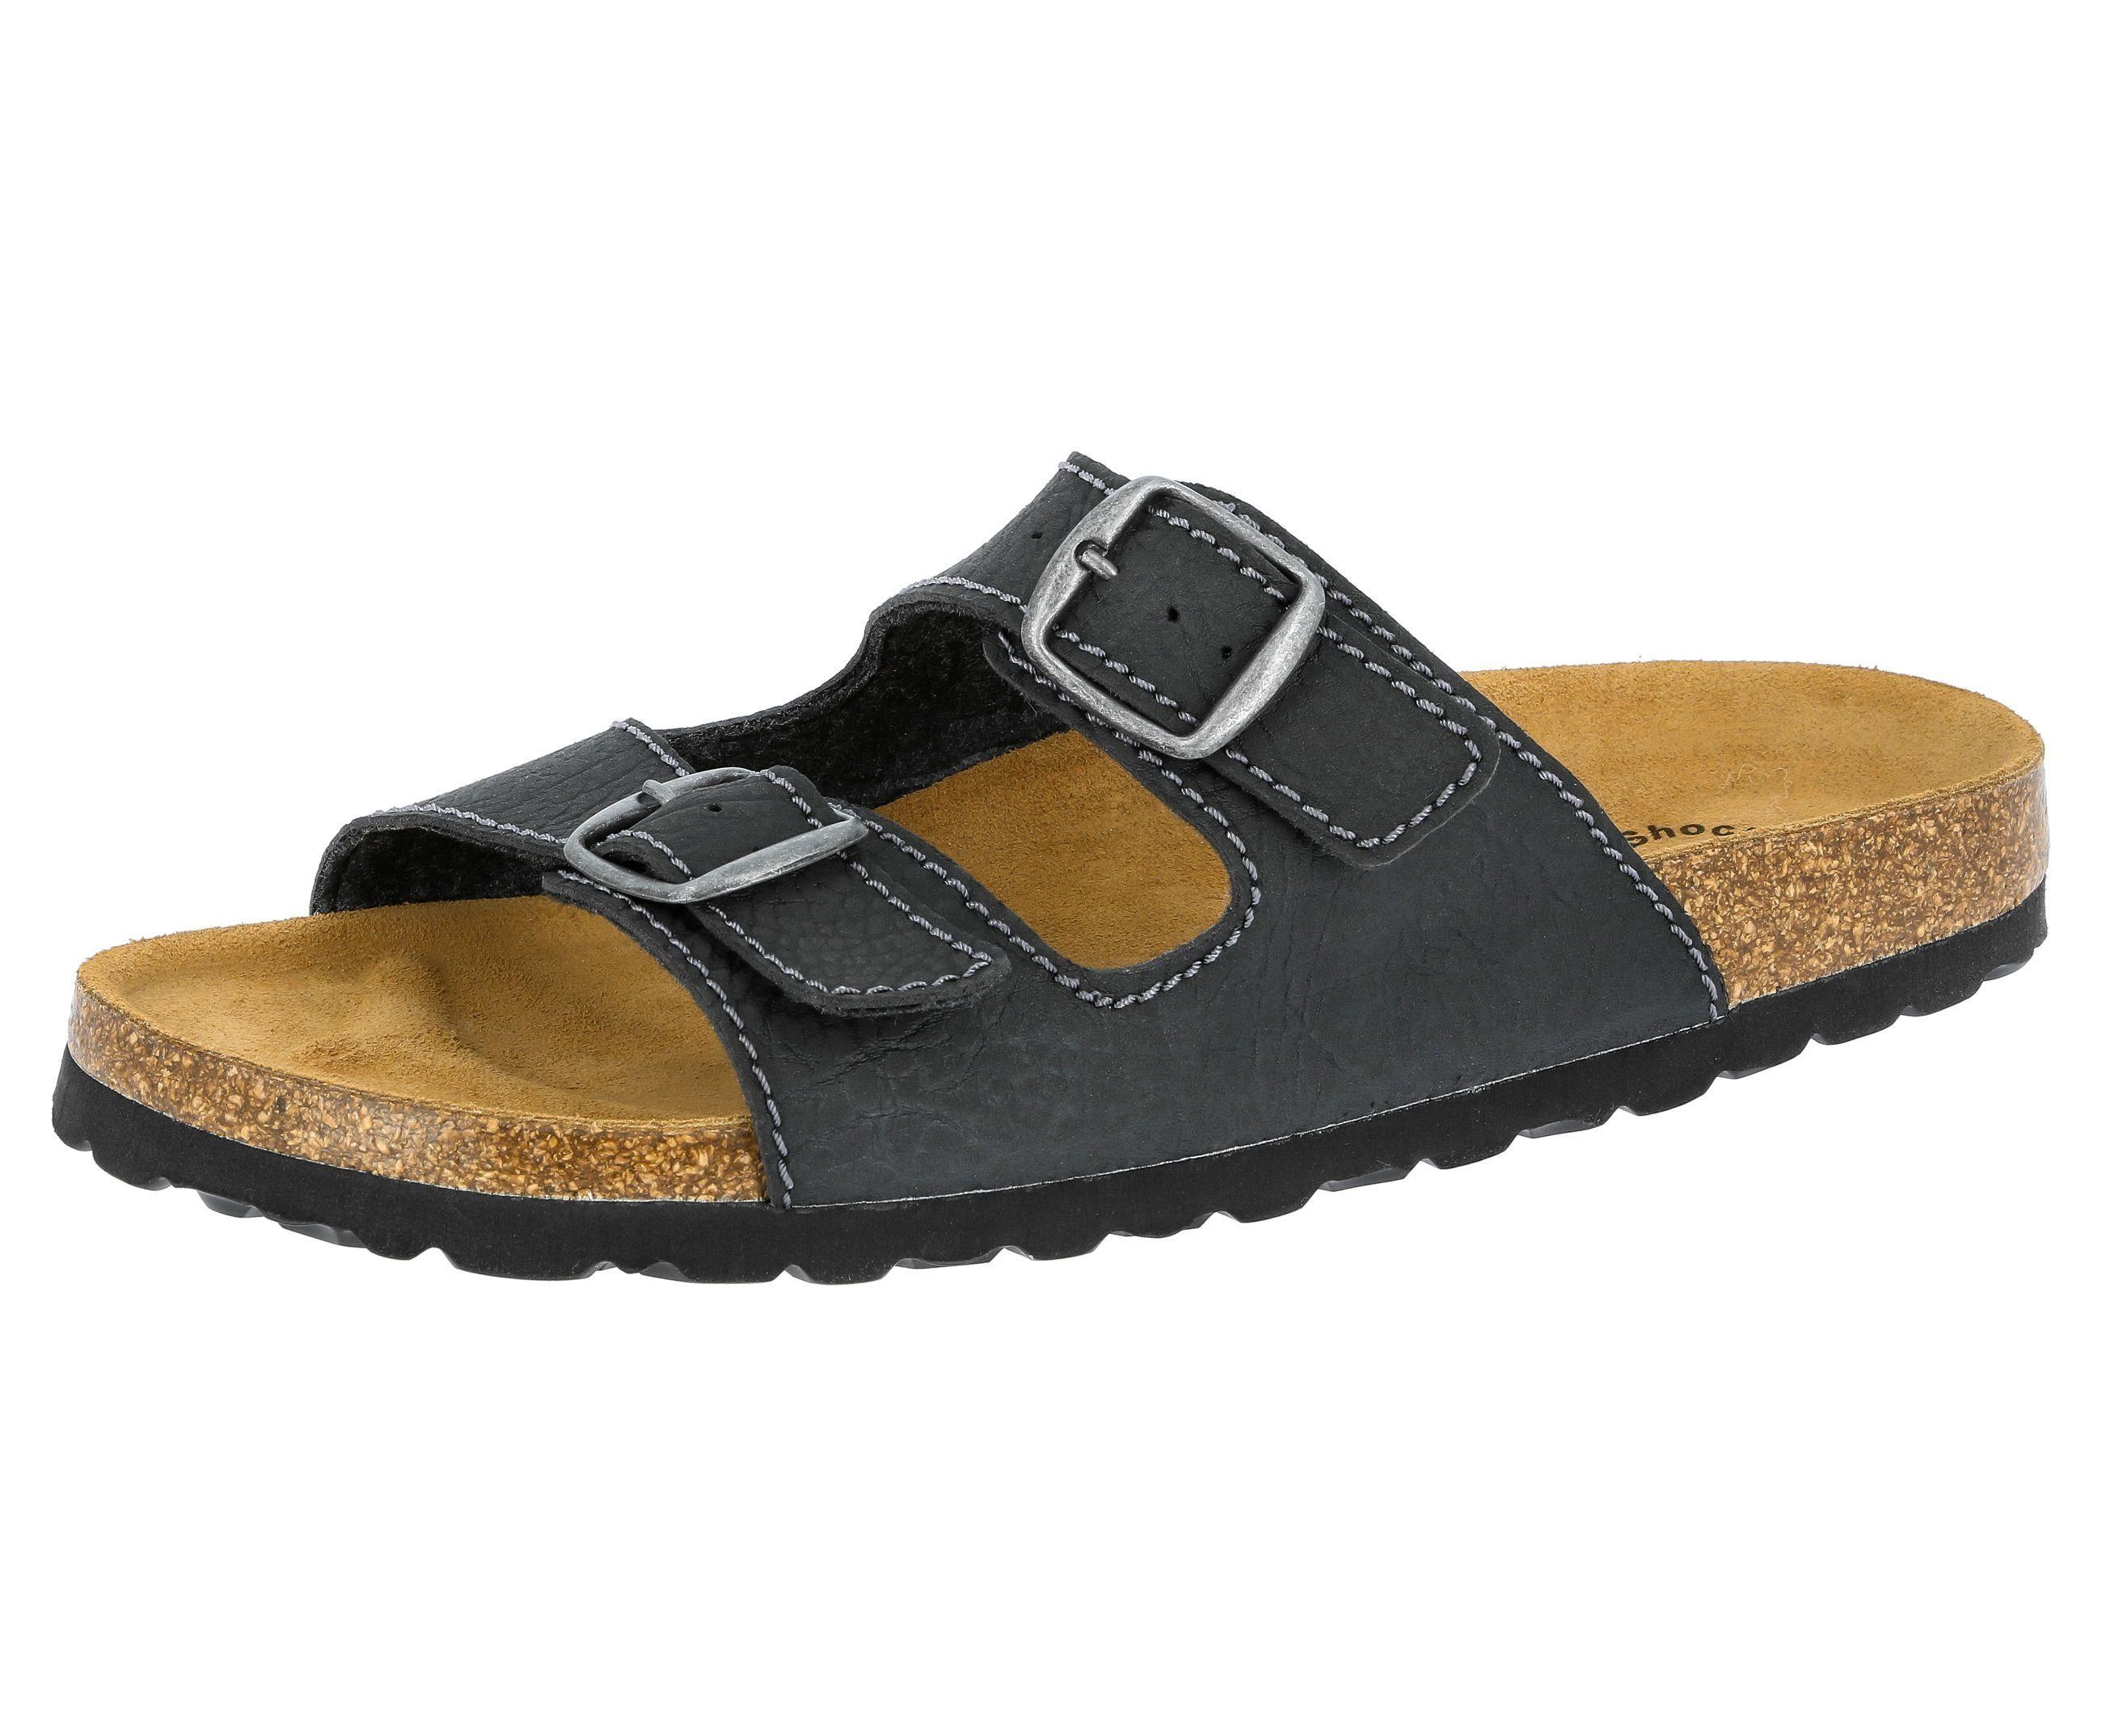 Lico Pantolette Pantolette Natural Elefo | Schuhe > Clogs & Pantoletten > Pantoletten | Grau | Lico